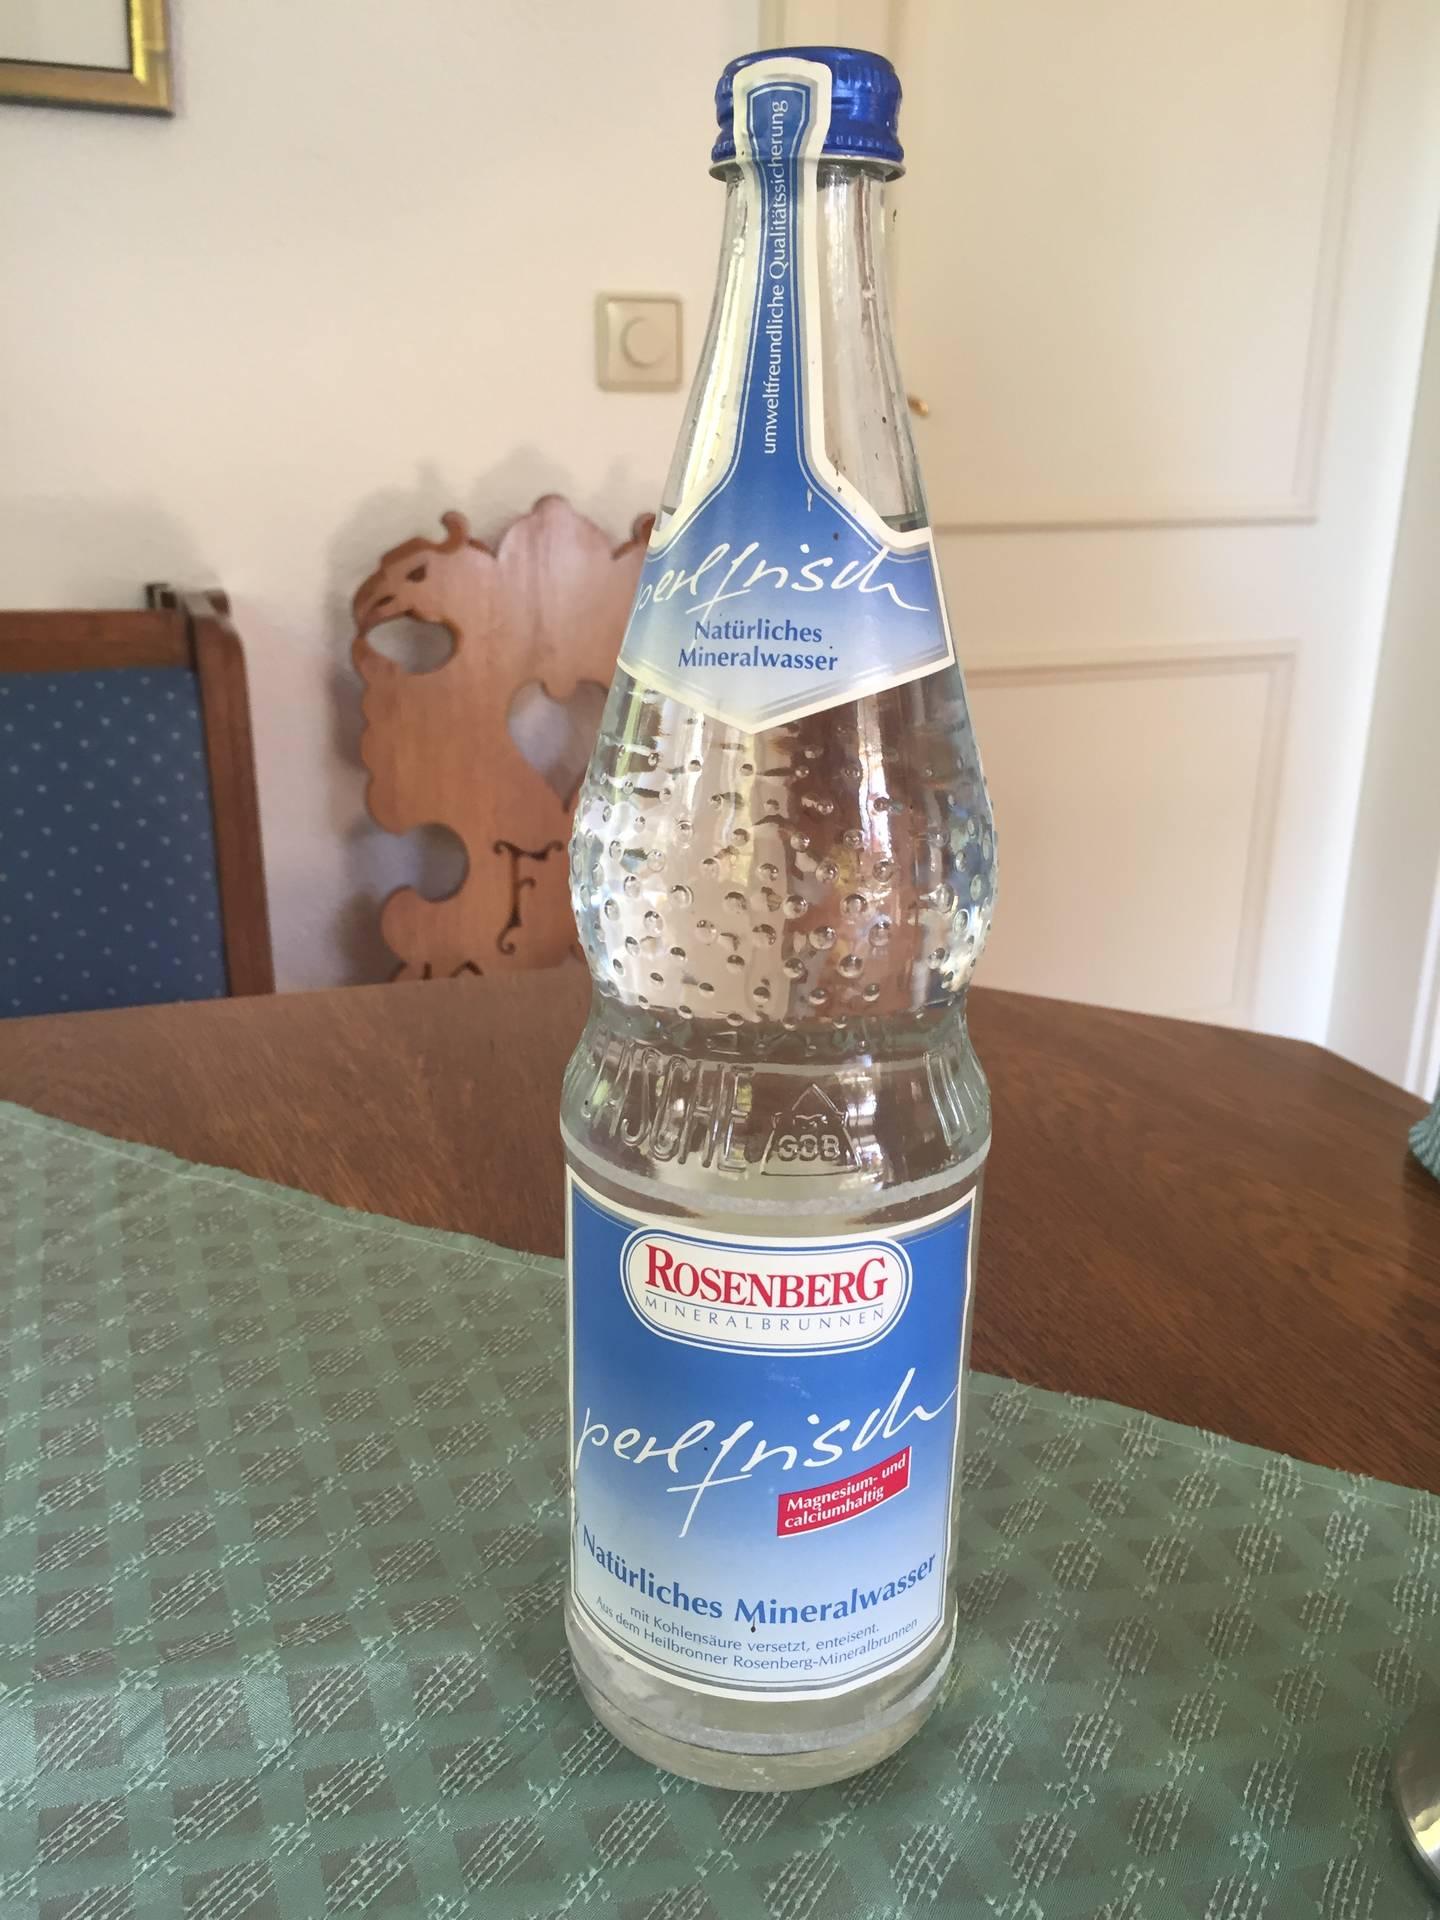 Die letzte ihrer Art: Eine Flasche Rosenberg Mineralwasser perlfrisch. Foto: Tobias Wieland